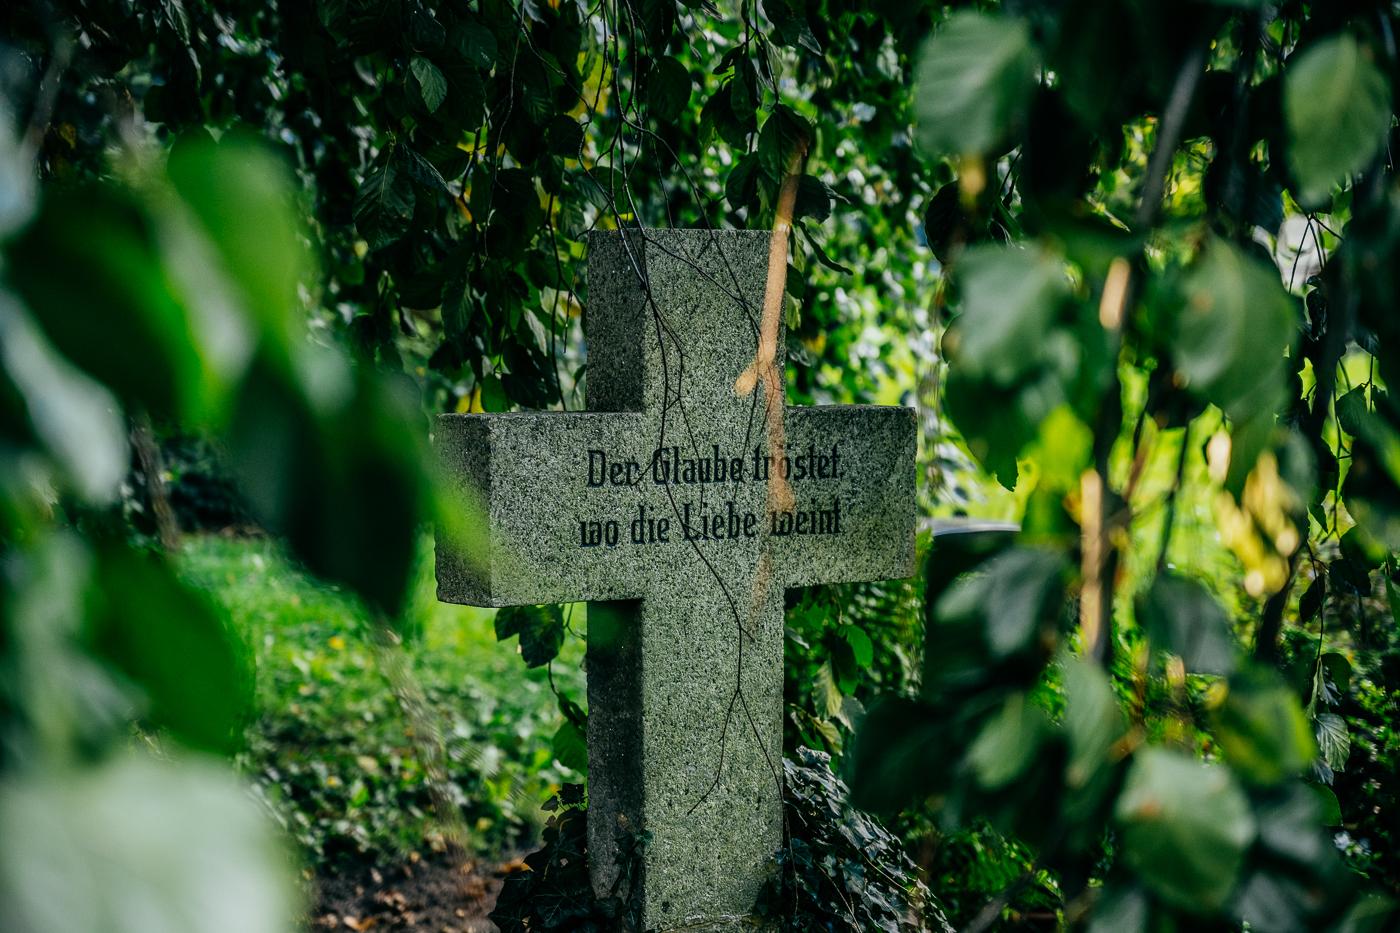 Der Glaube tröstet wo die Liebe weint - Inschrift Grabstein